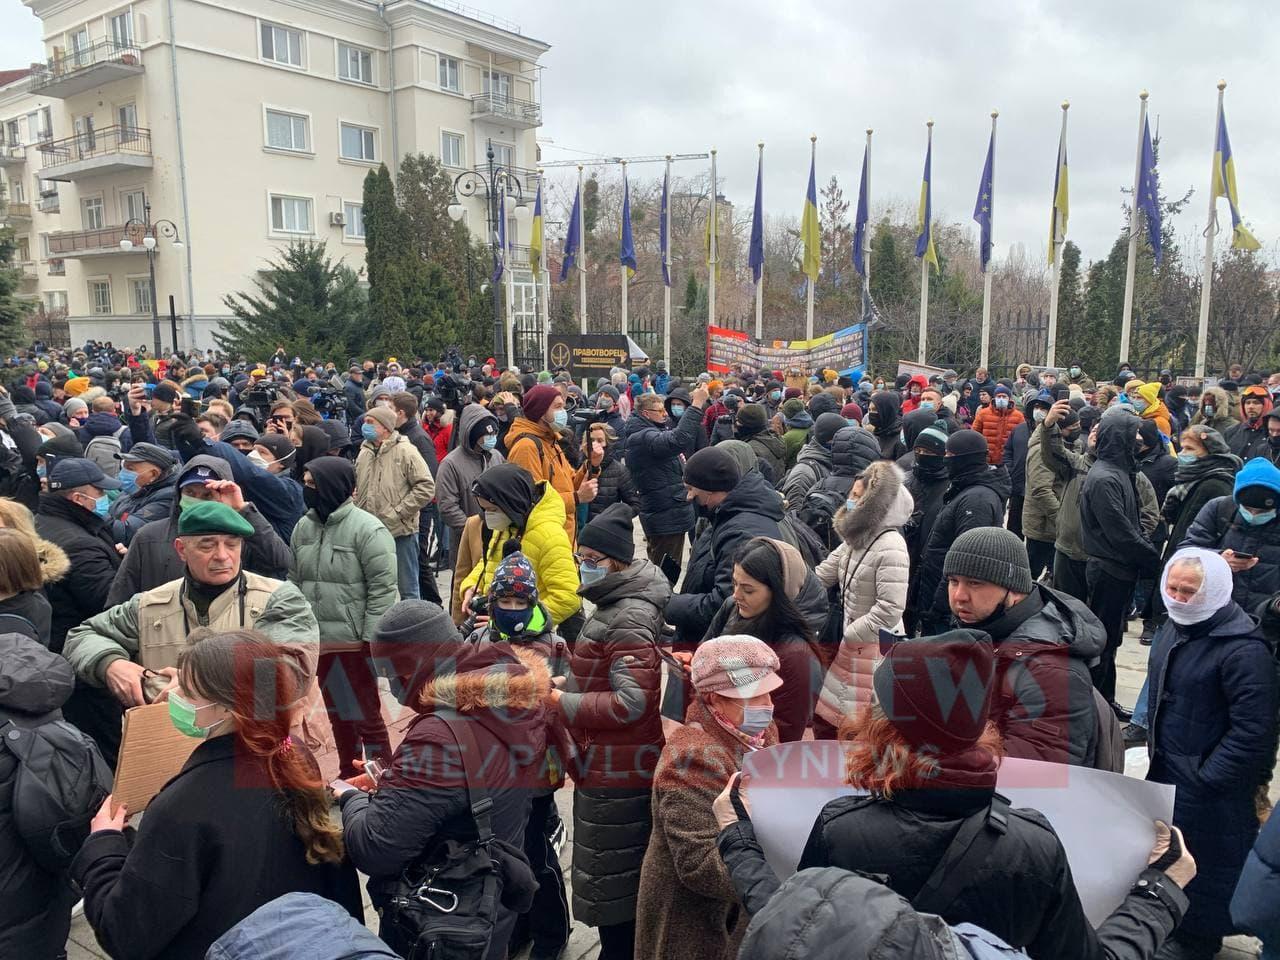 У Києві активісти на підтримку Стерненка крокують до Генпрокуратури: уся колона в диму (фото) - фото 2